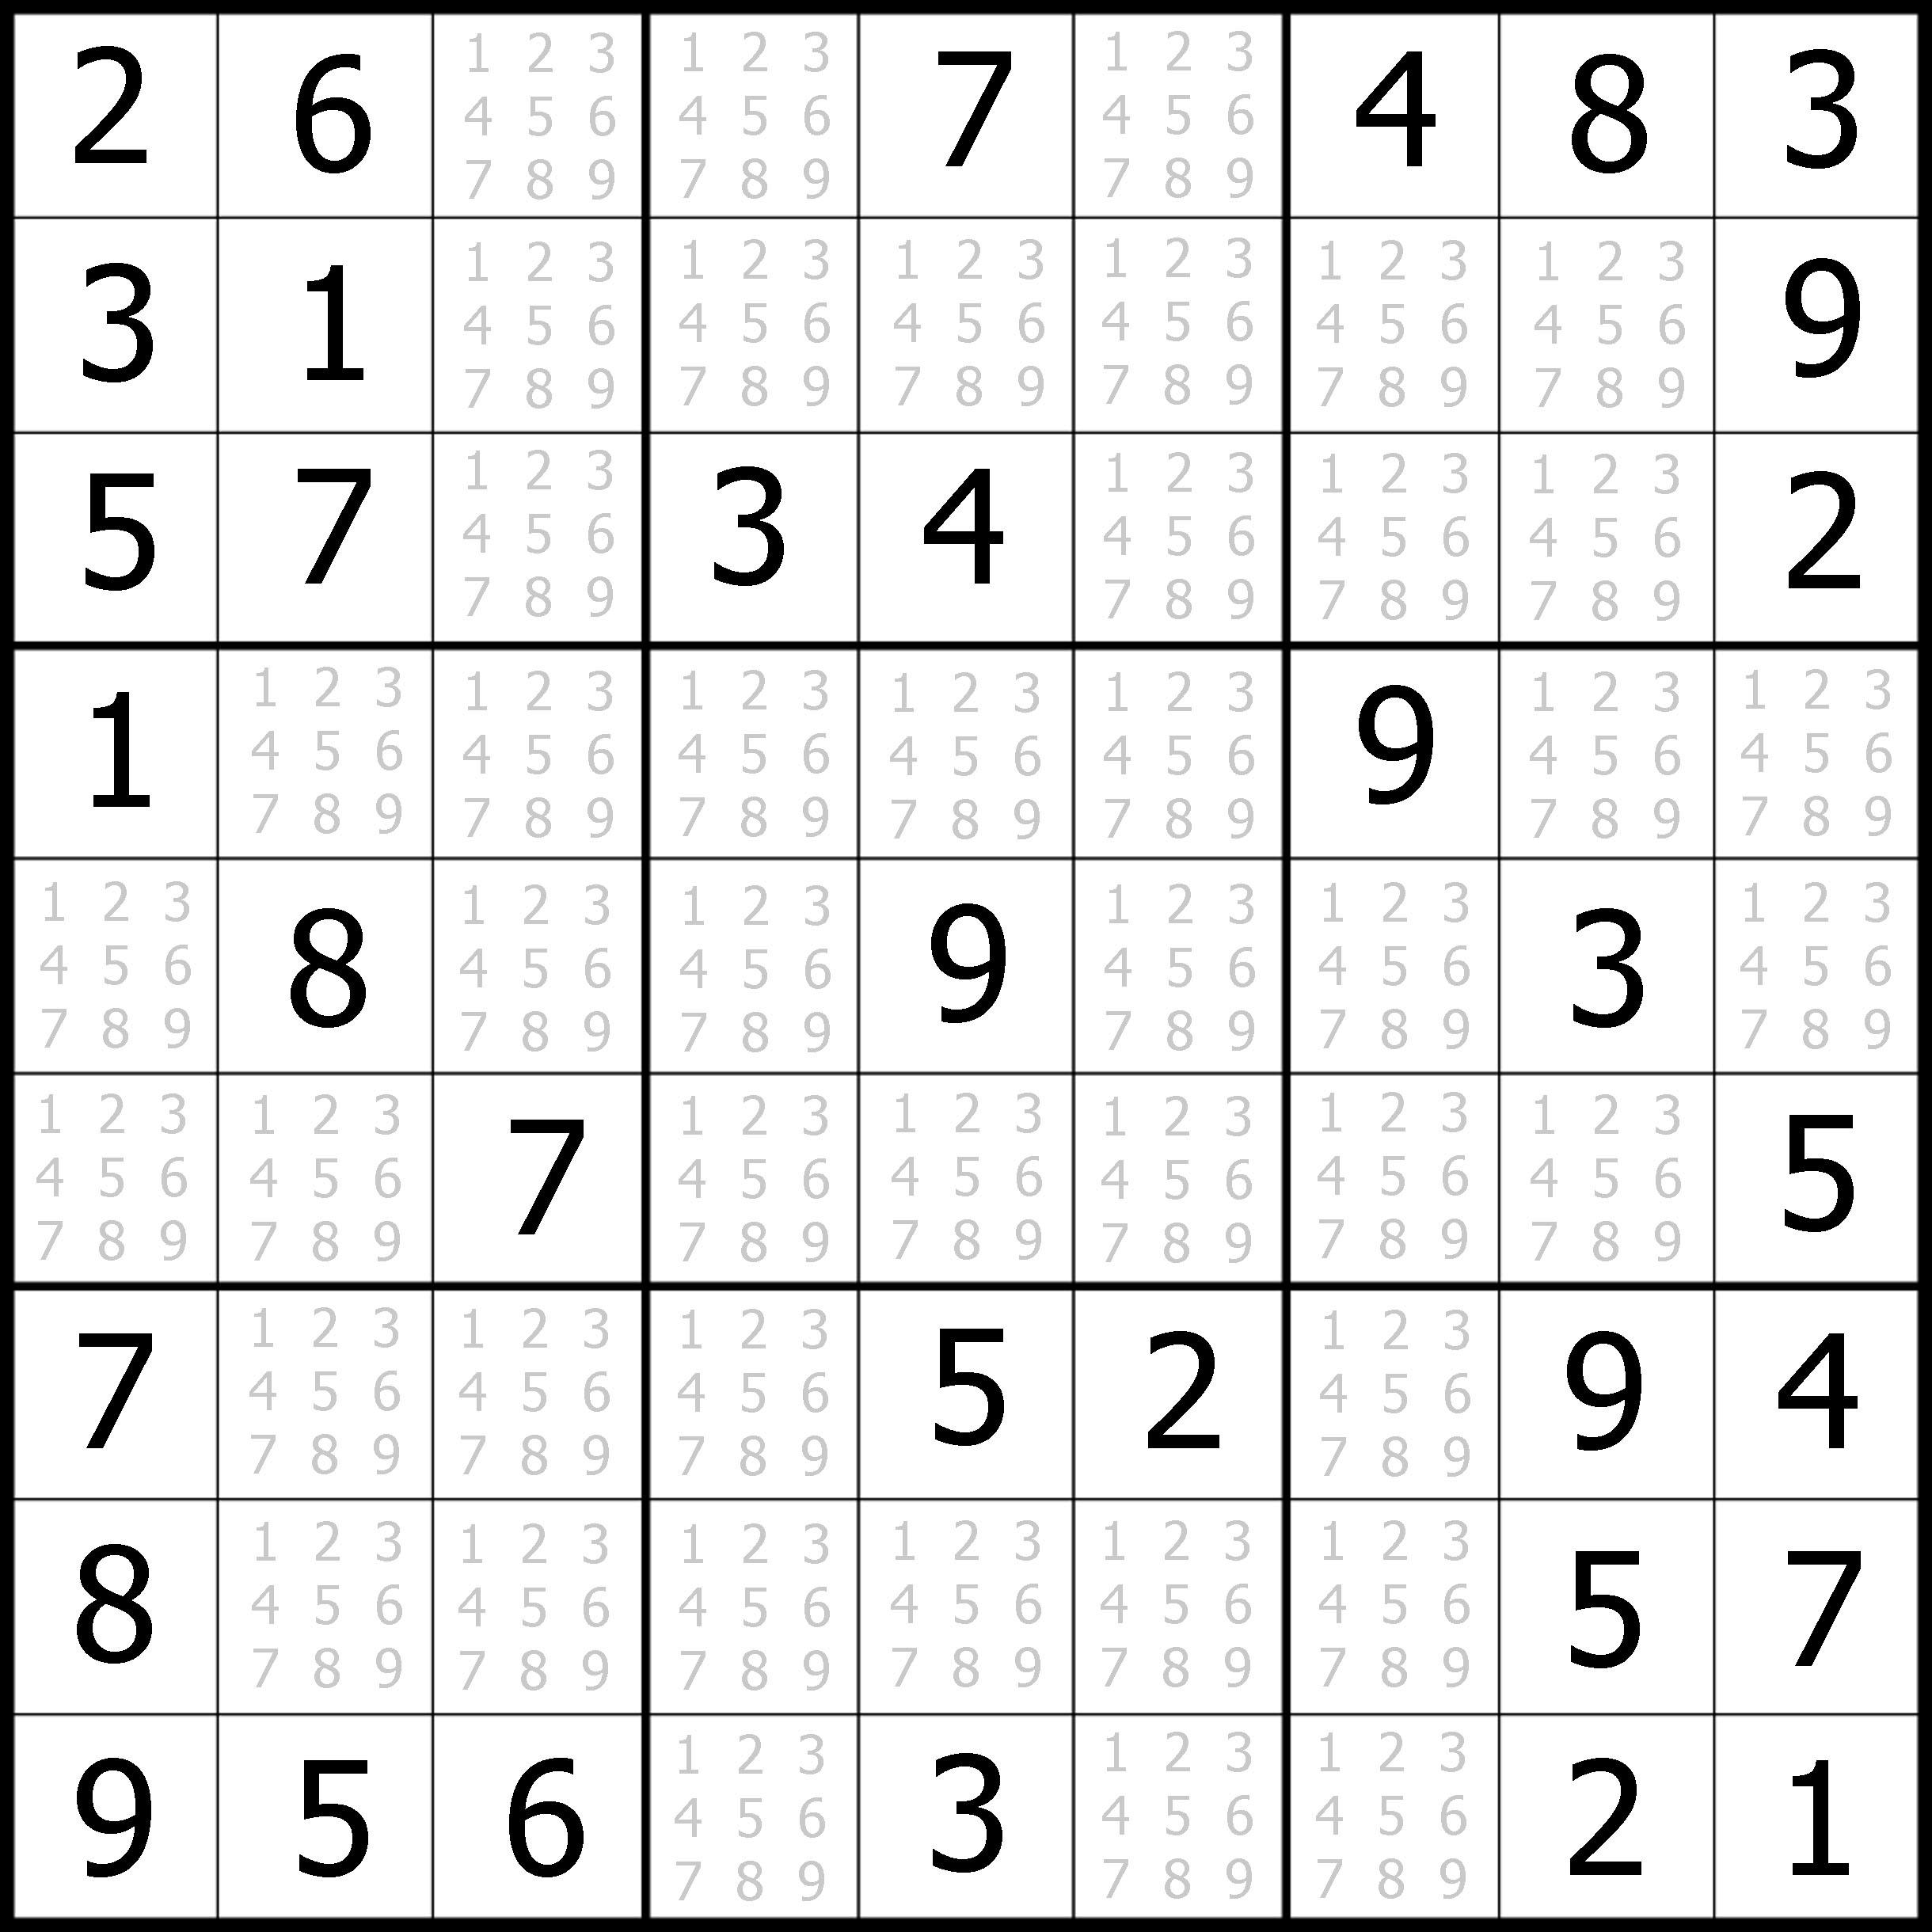 Easy Sudoku Printable | Kids Activities - Free Printable Sudoku With Answers